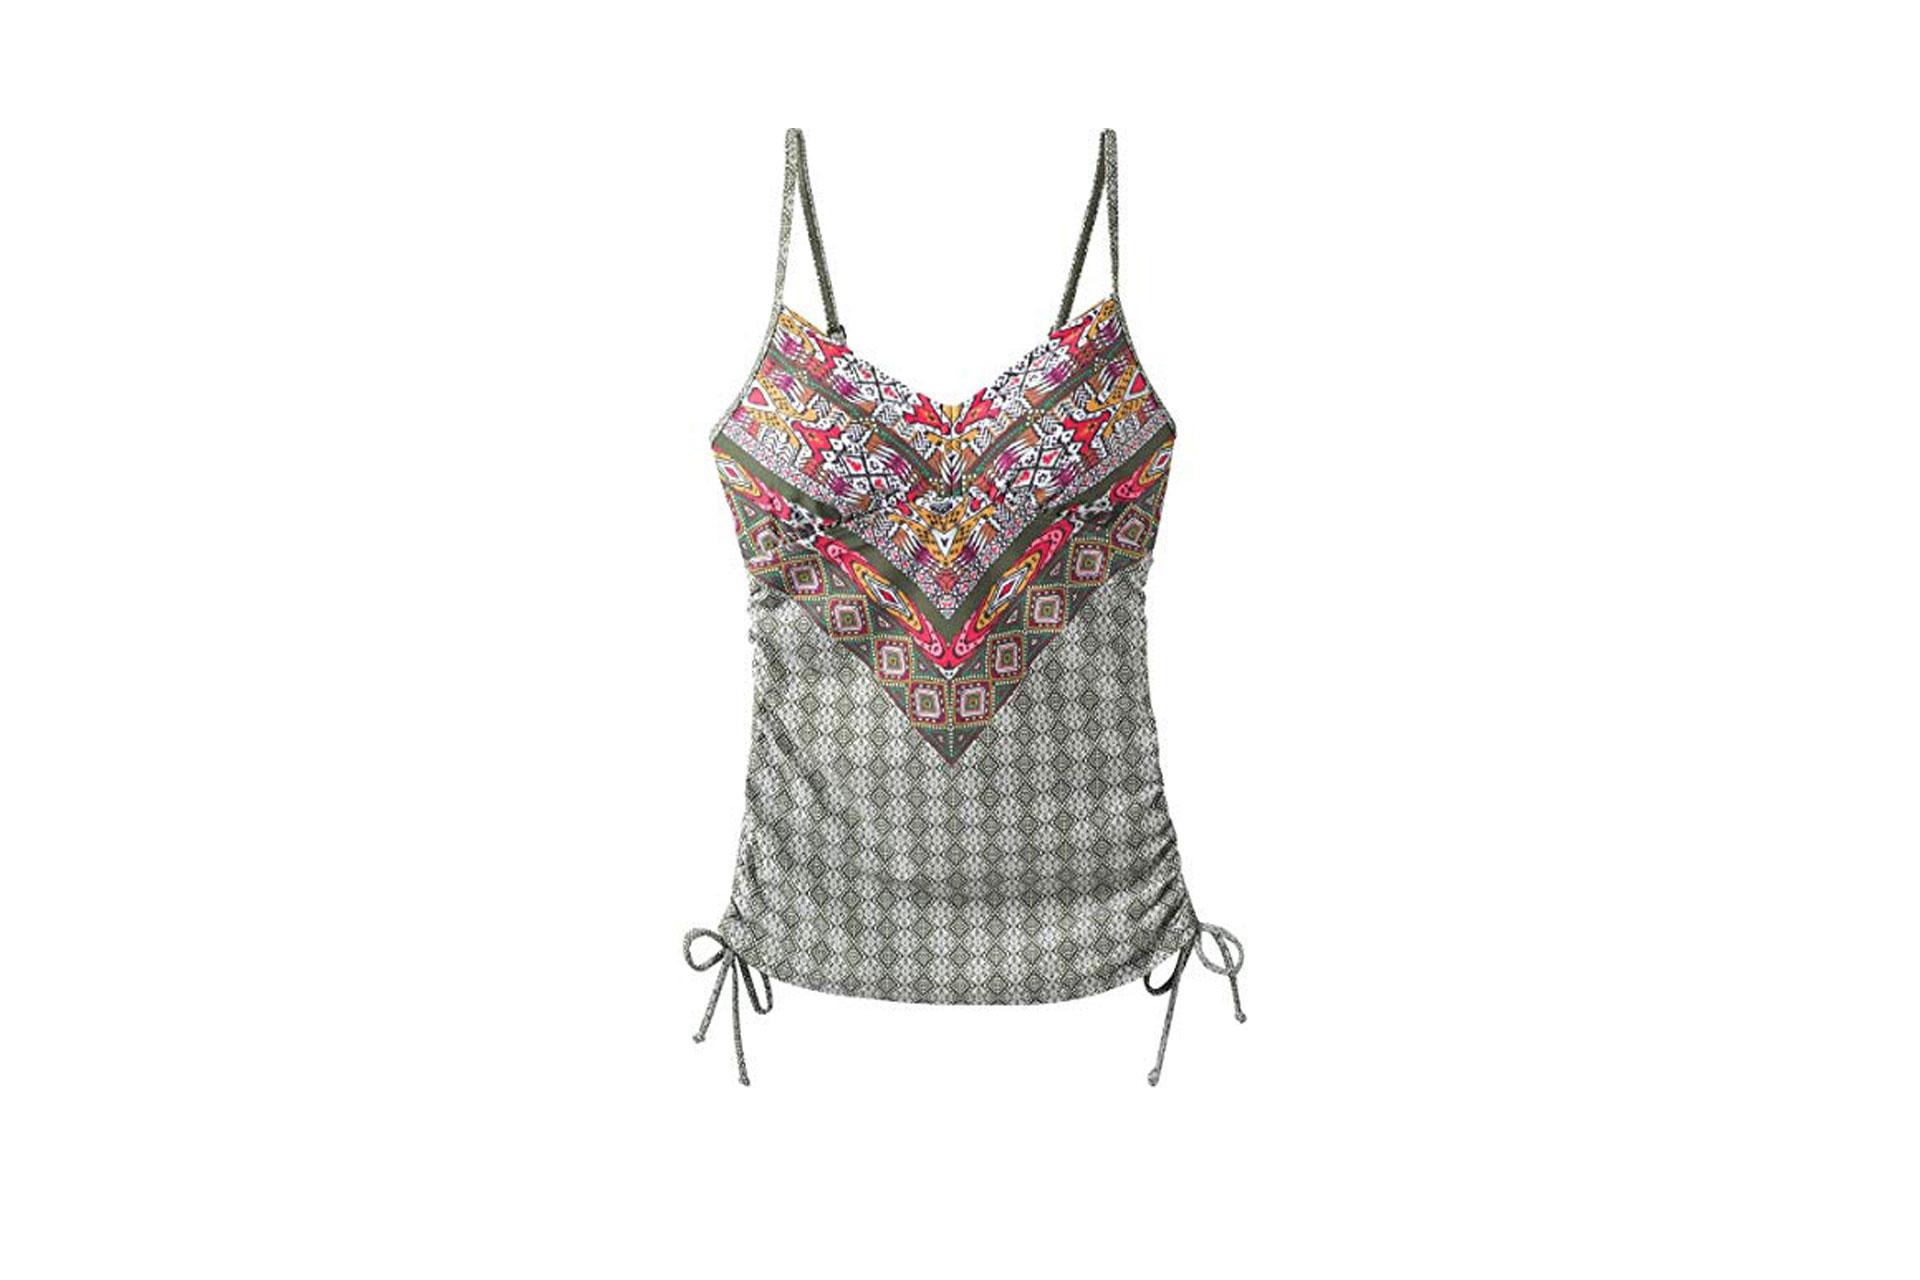 Women's Tankini Top; Courtesy of Amazon